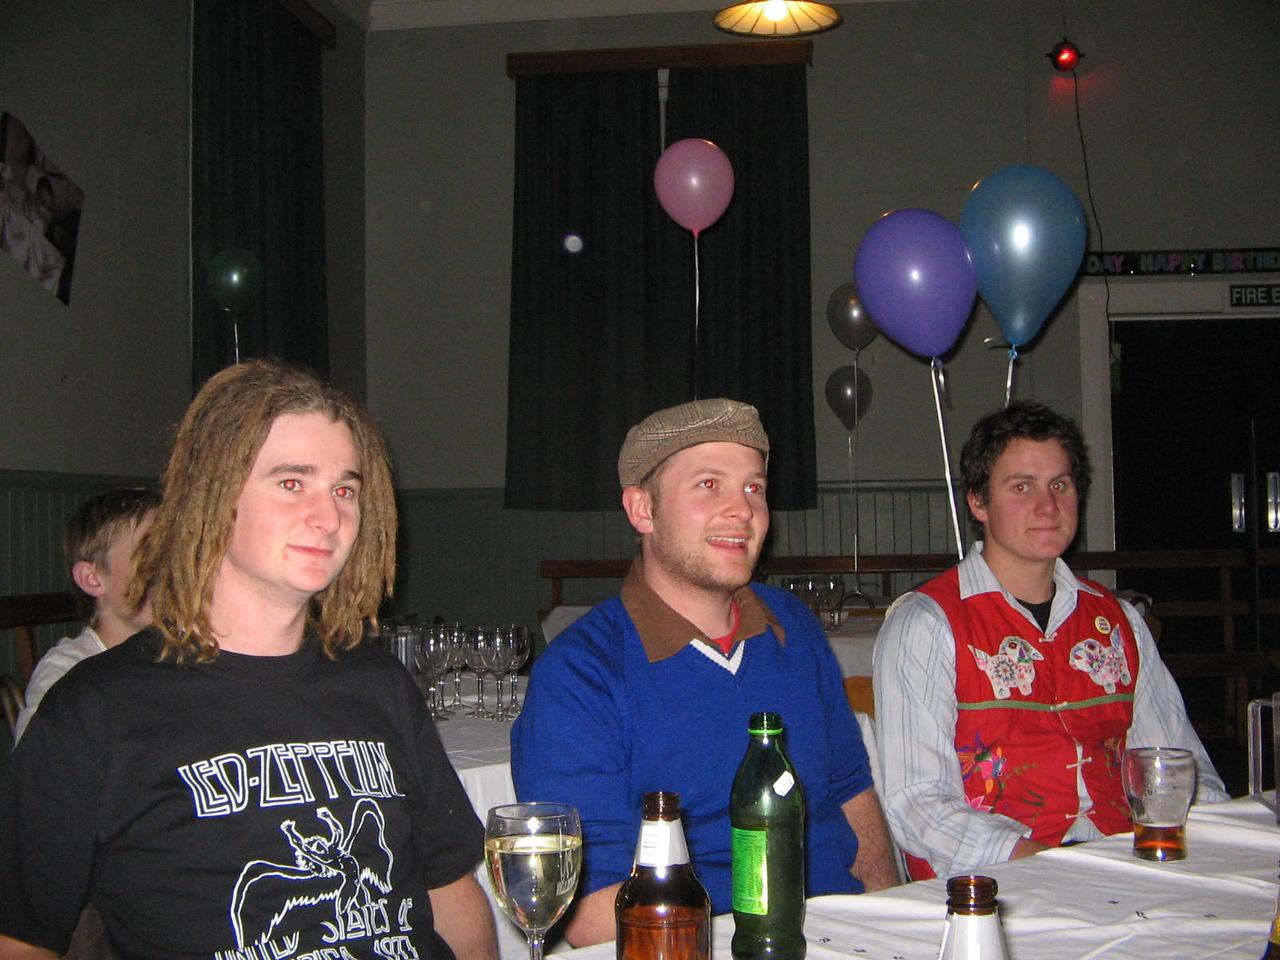 mitch, steve and parky